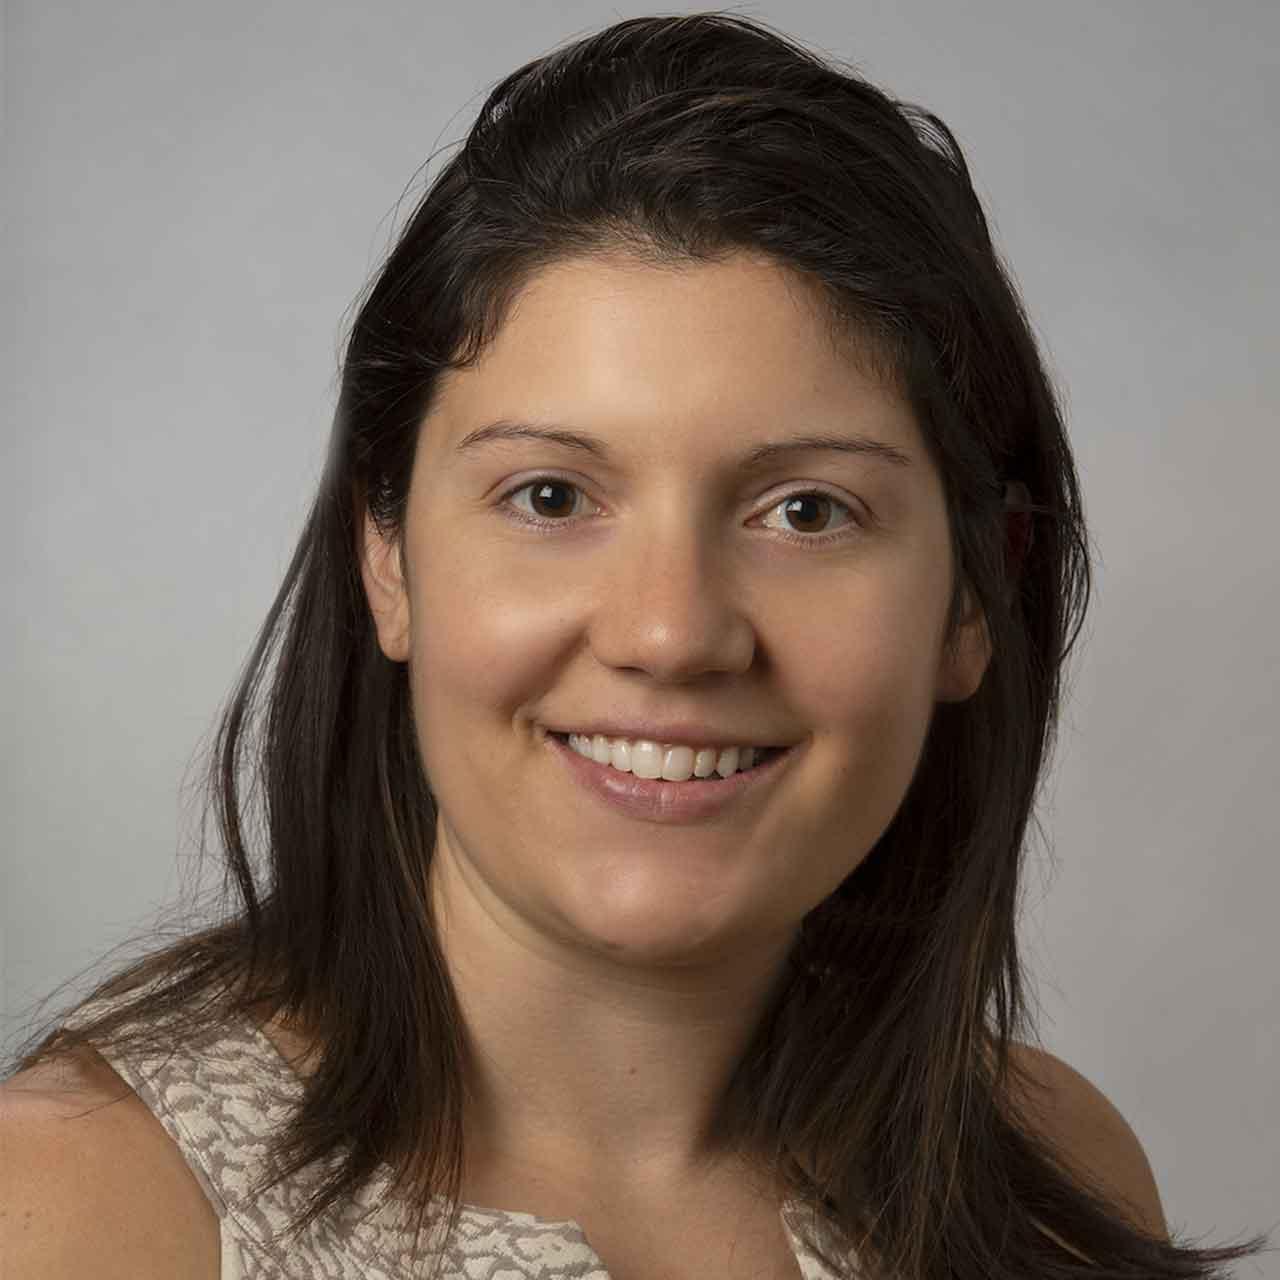 Katy Bergey